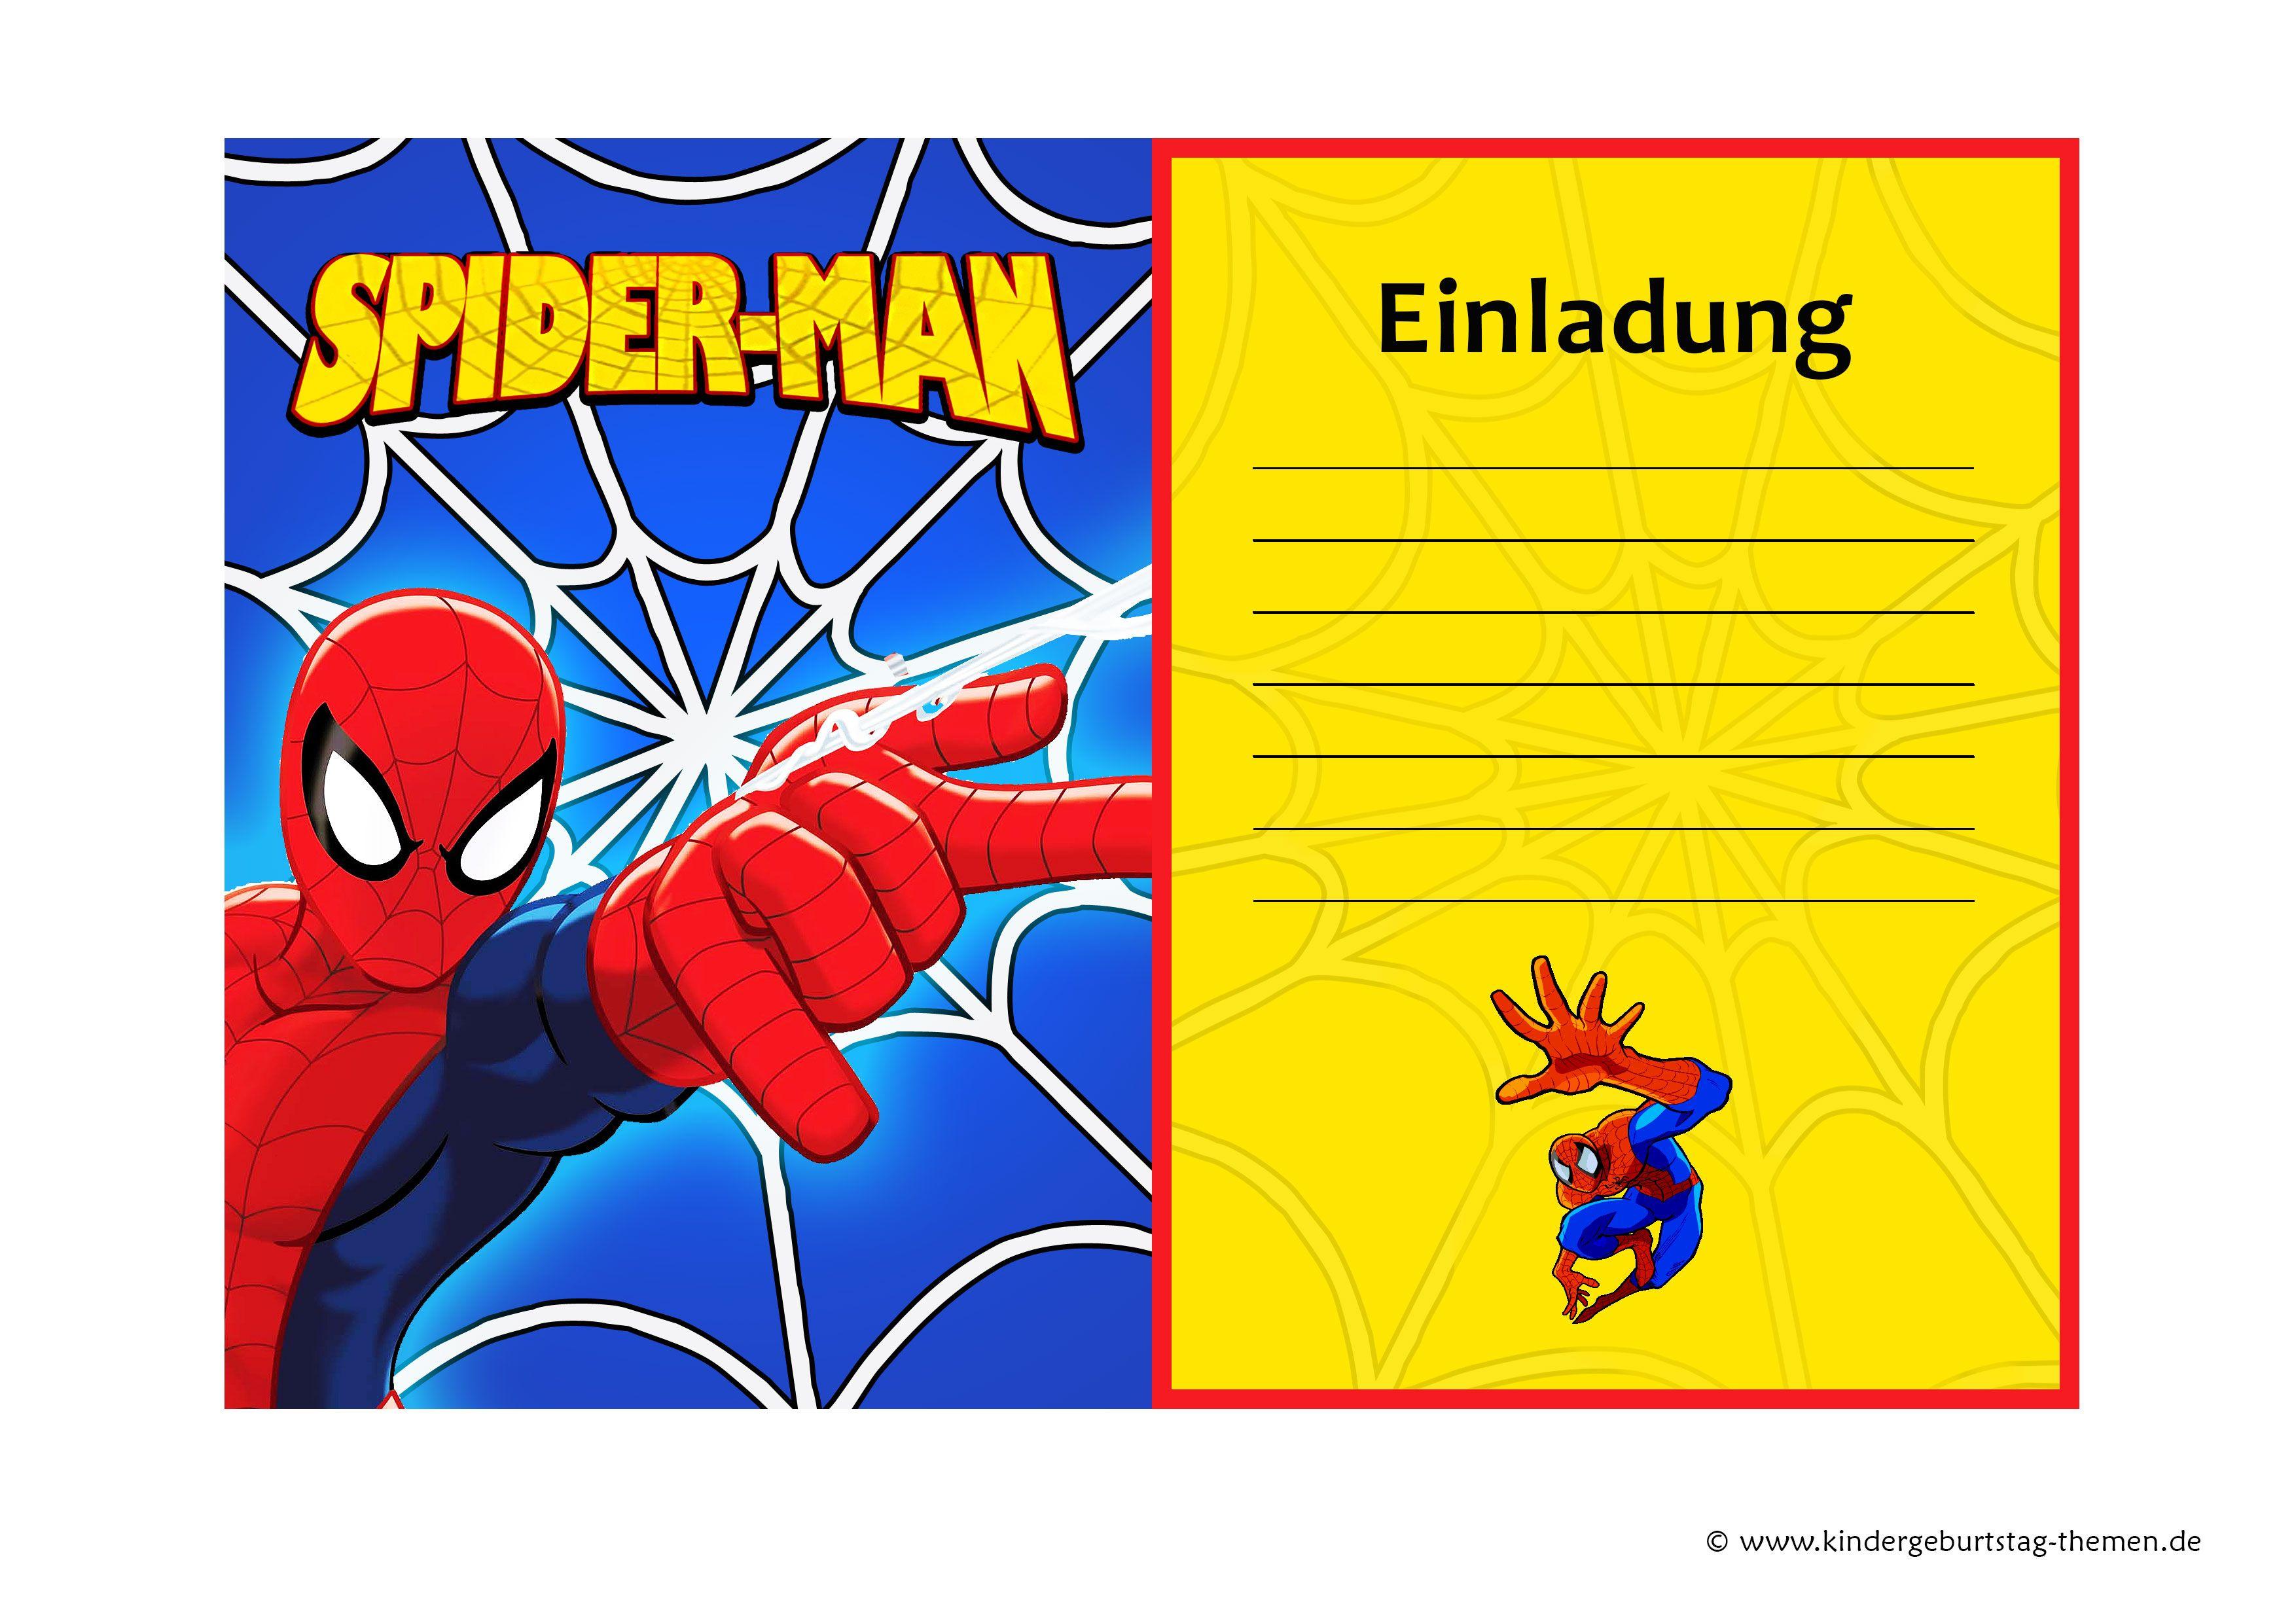 marvelous spiderman einladungskarten #1: Spiderman Einladungskarten: kostenlose Vorlagen der Einladungen zum  Ausdrucken